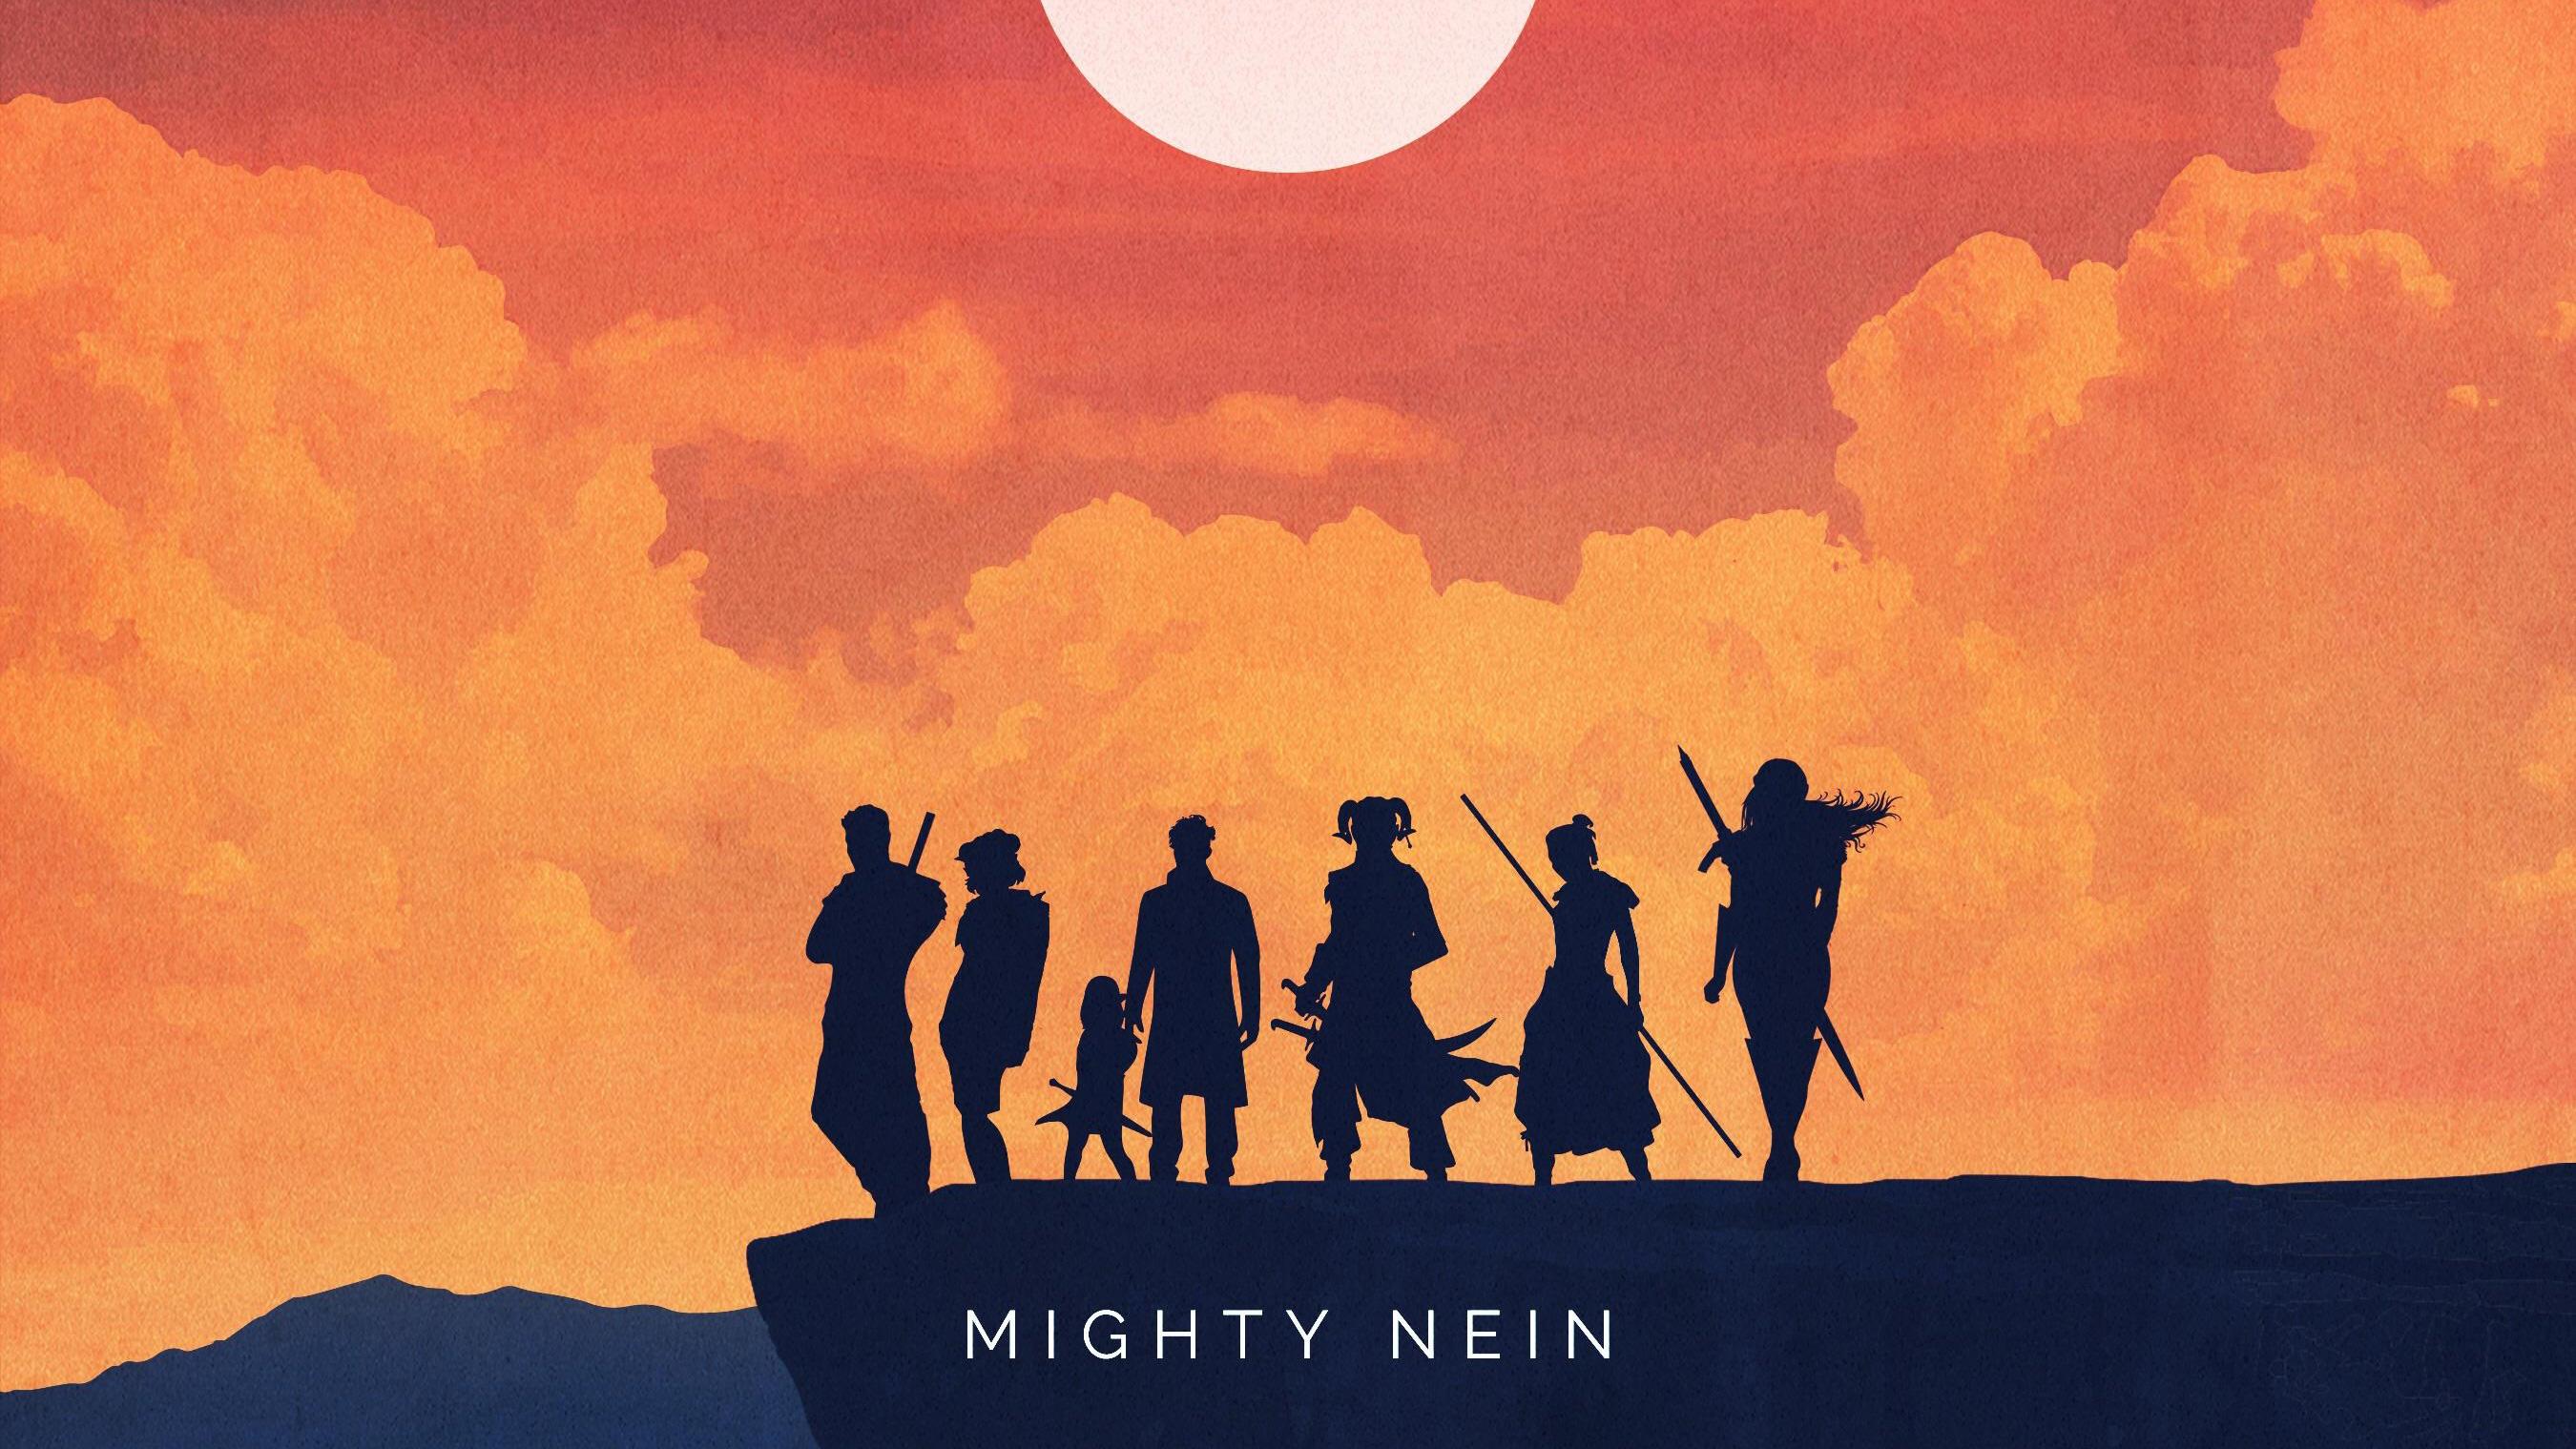 Warriors Mighty Nein Minimalist Art, HD Artist, 4k ...